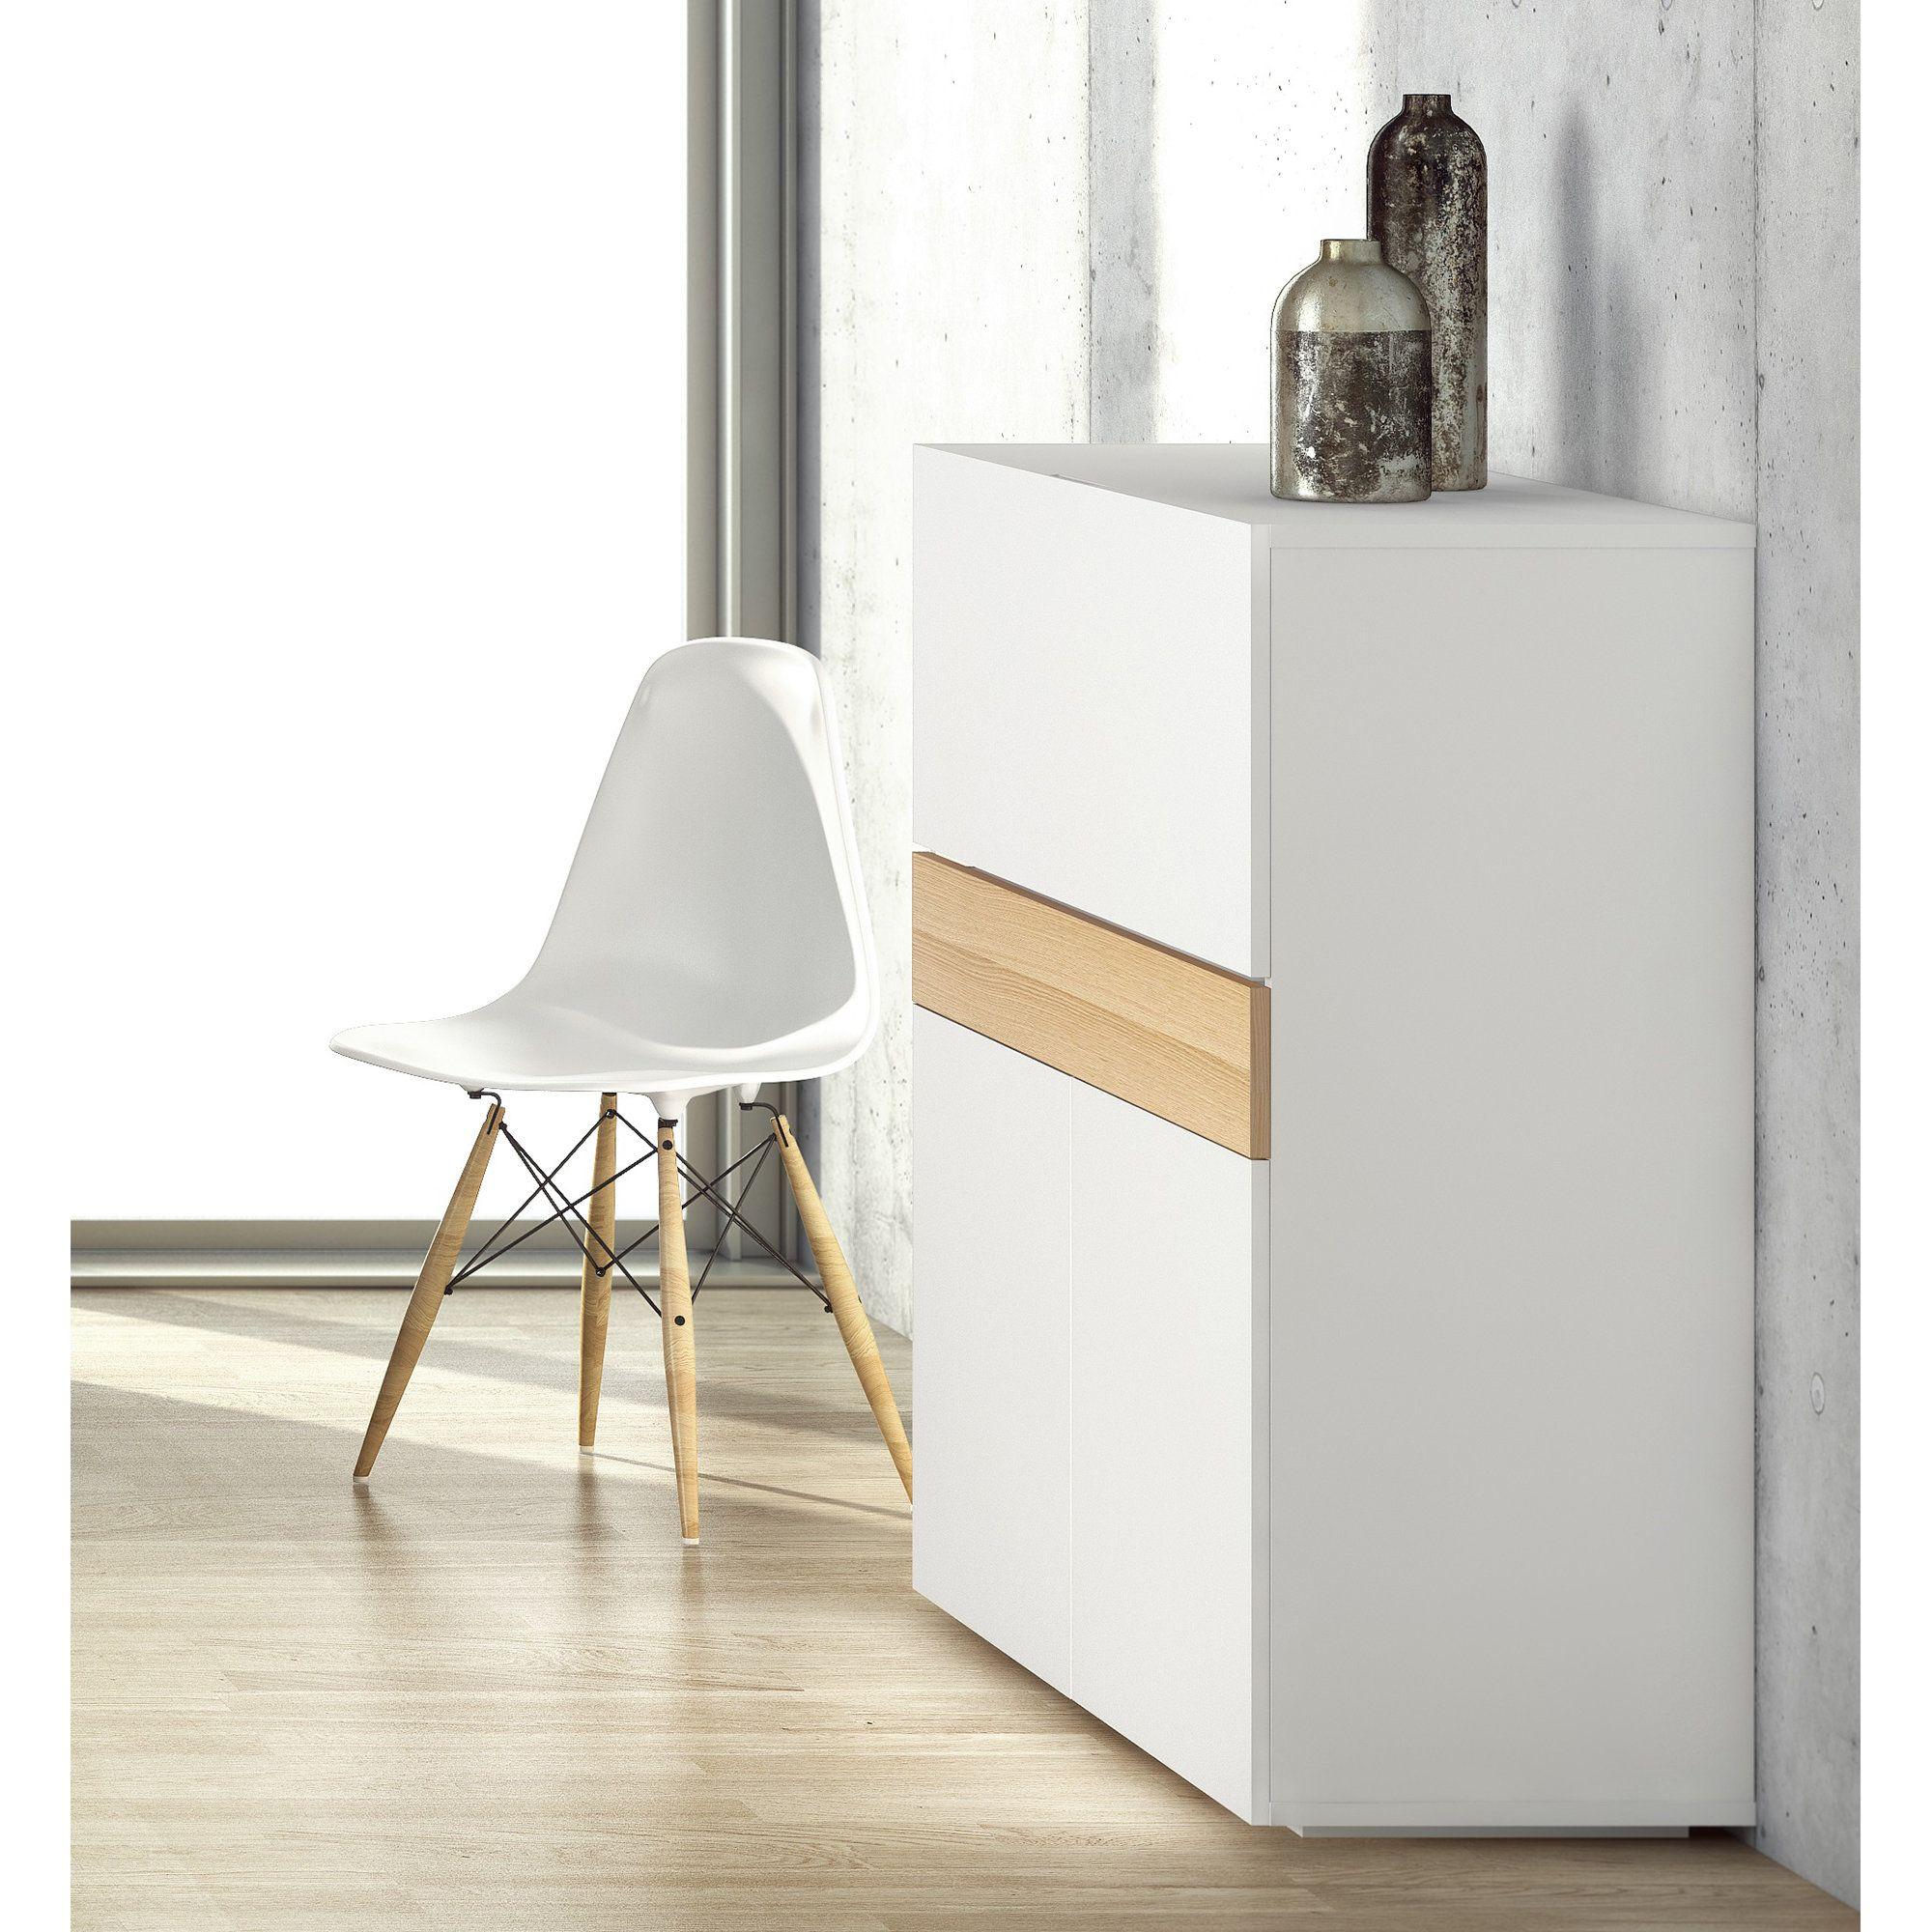 Bureau secrtaire en bois placage chne et blanc Mat L110cm FOCUS